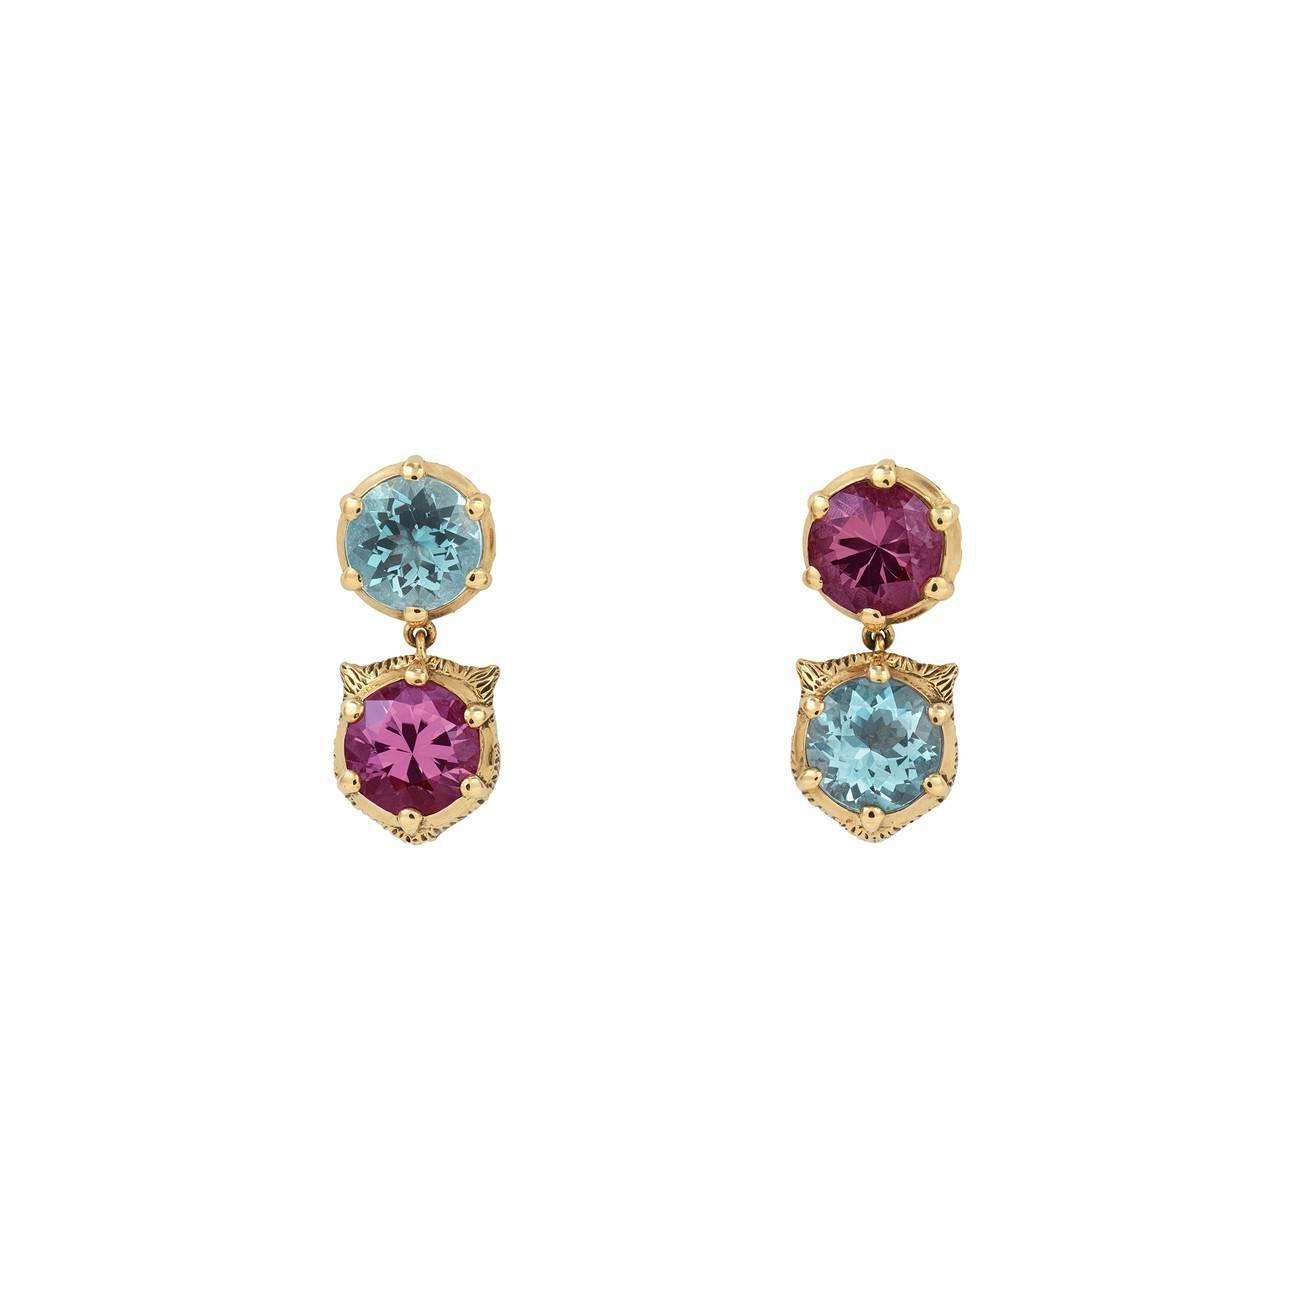 bd9b25395ccf50 Gucci. Women's Le Marché Des Merveilles Earrings